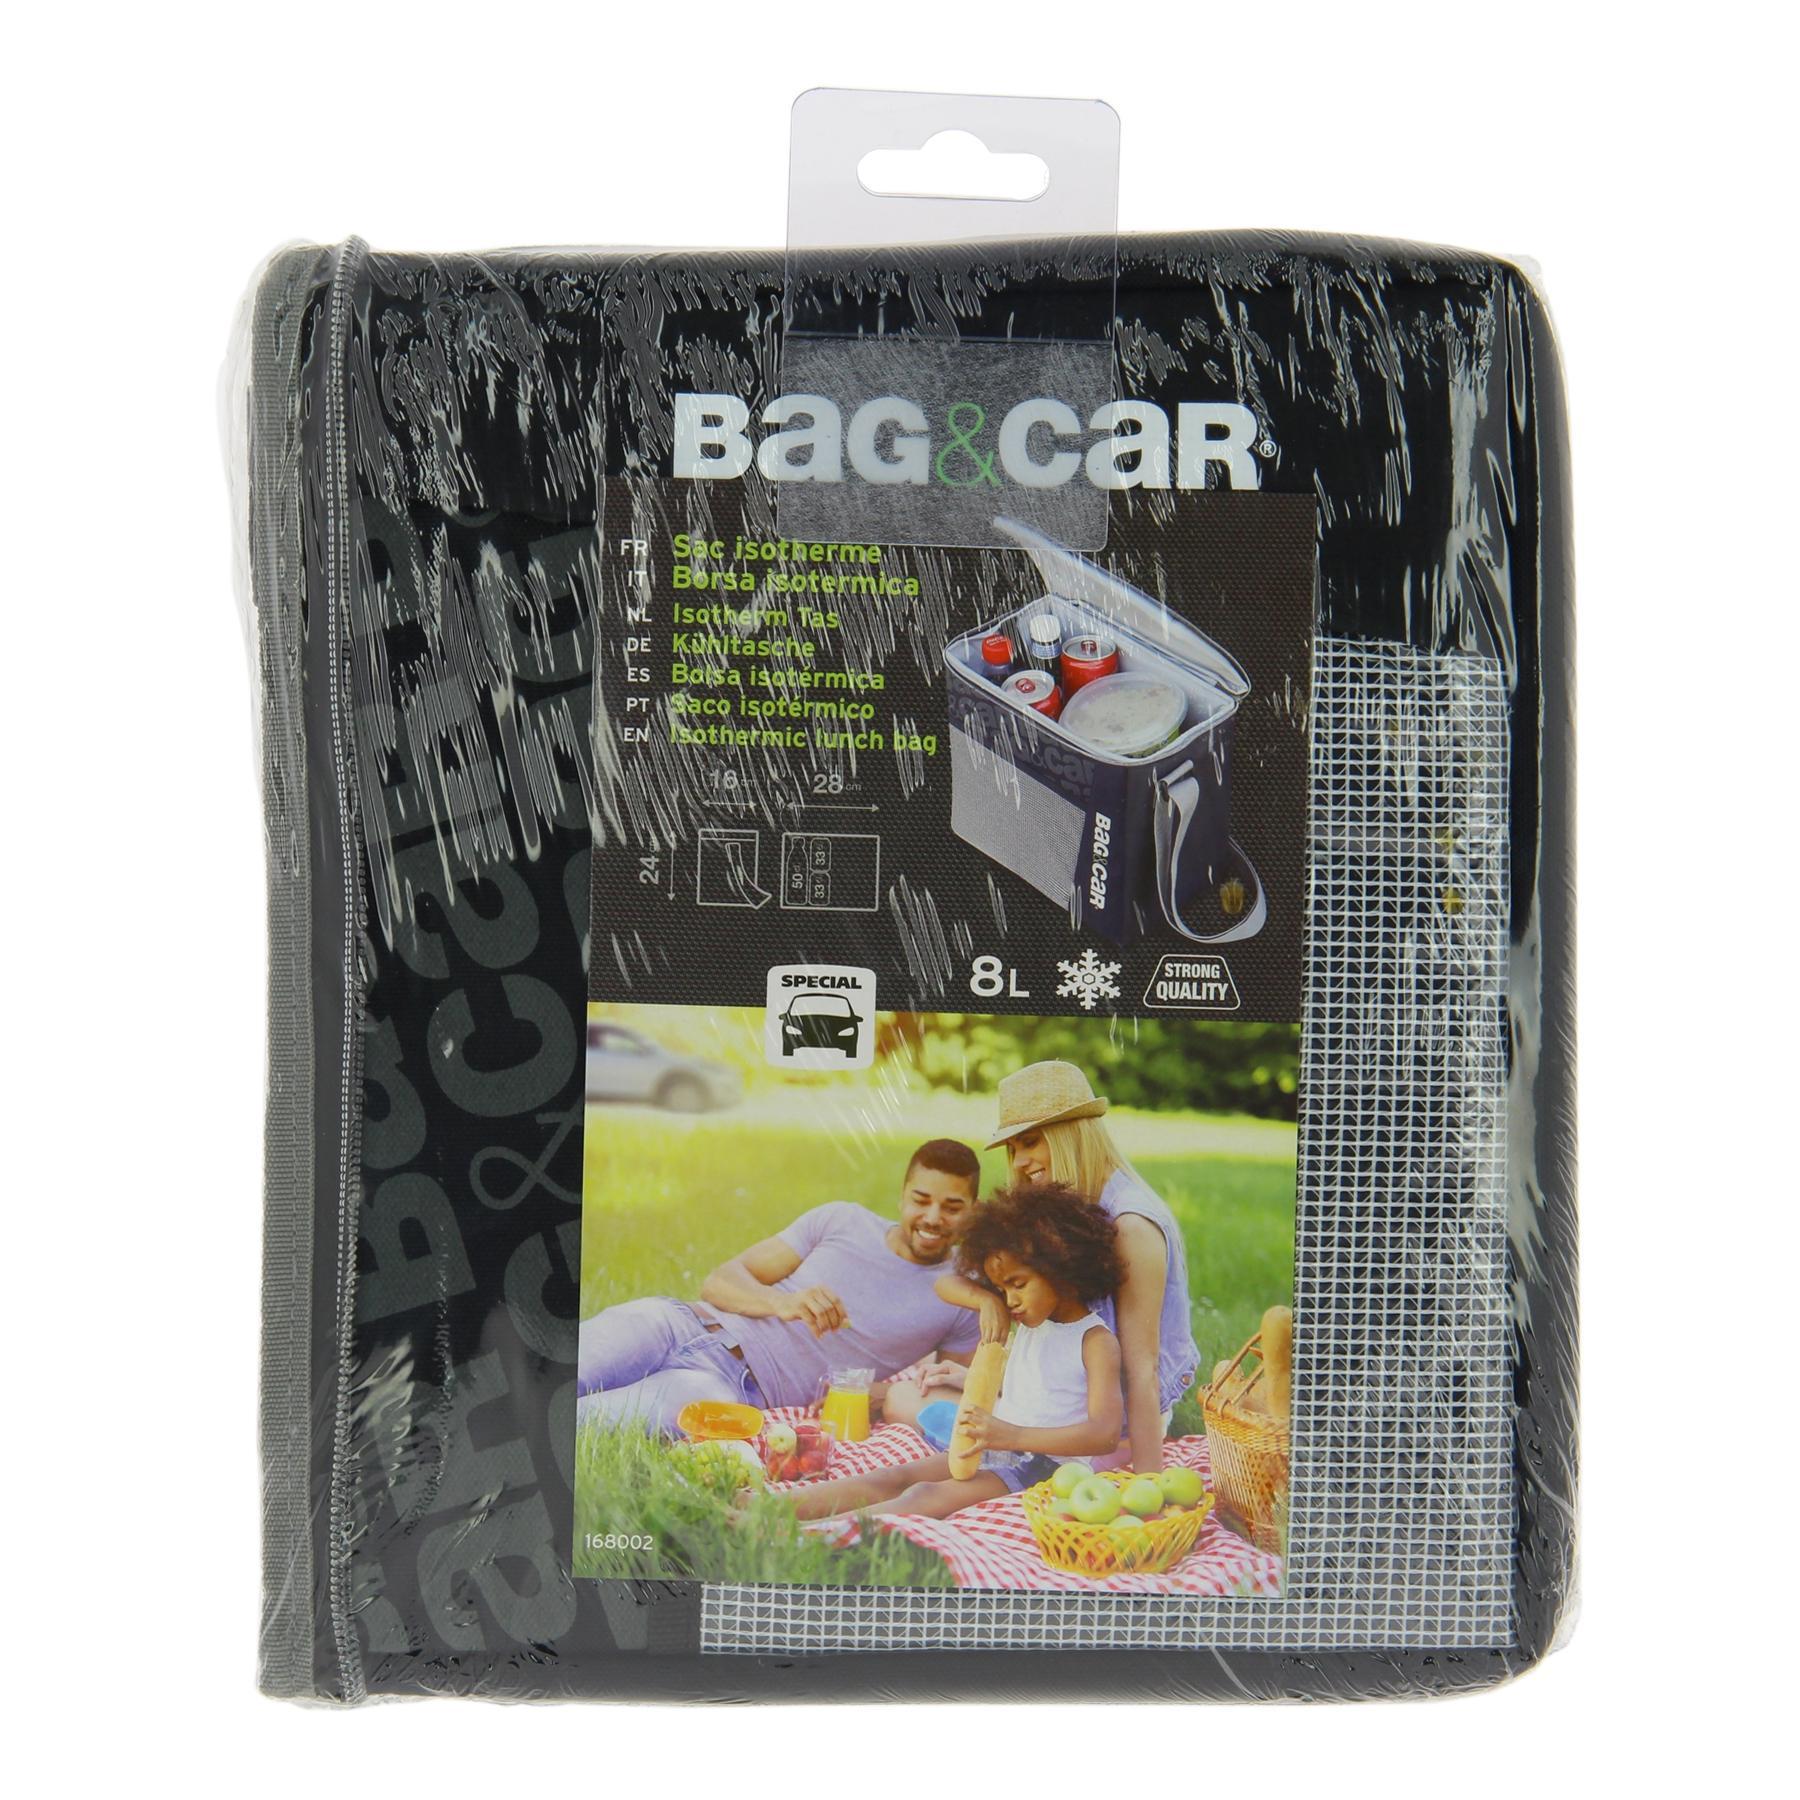 Sac réfrigérateur BAG&CAR 168002 évaluation